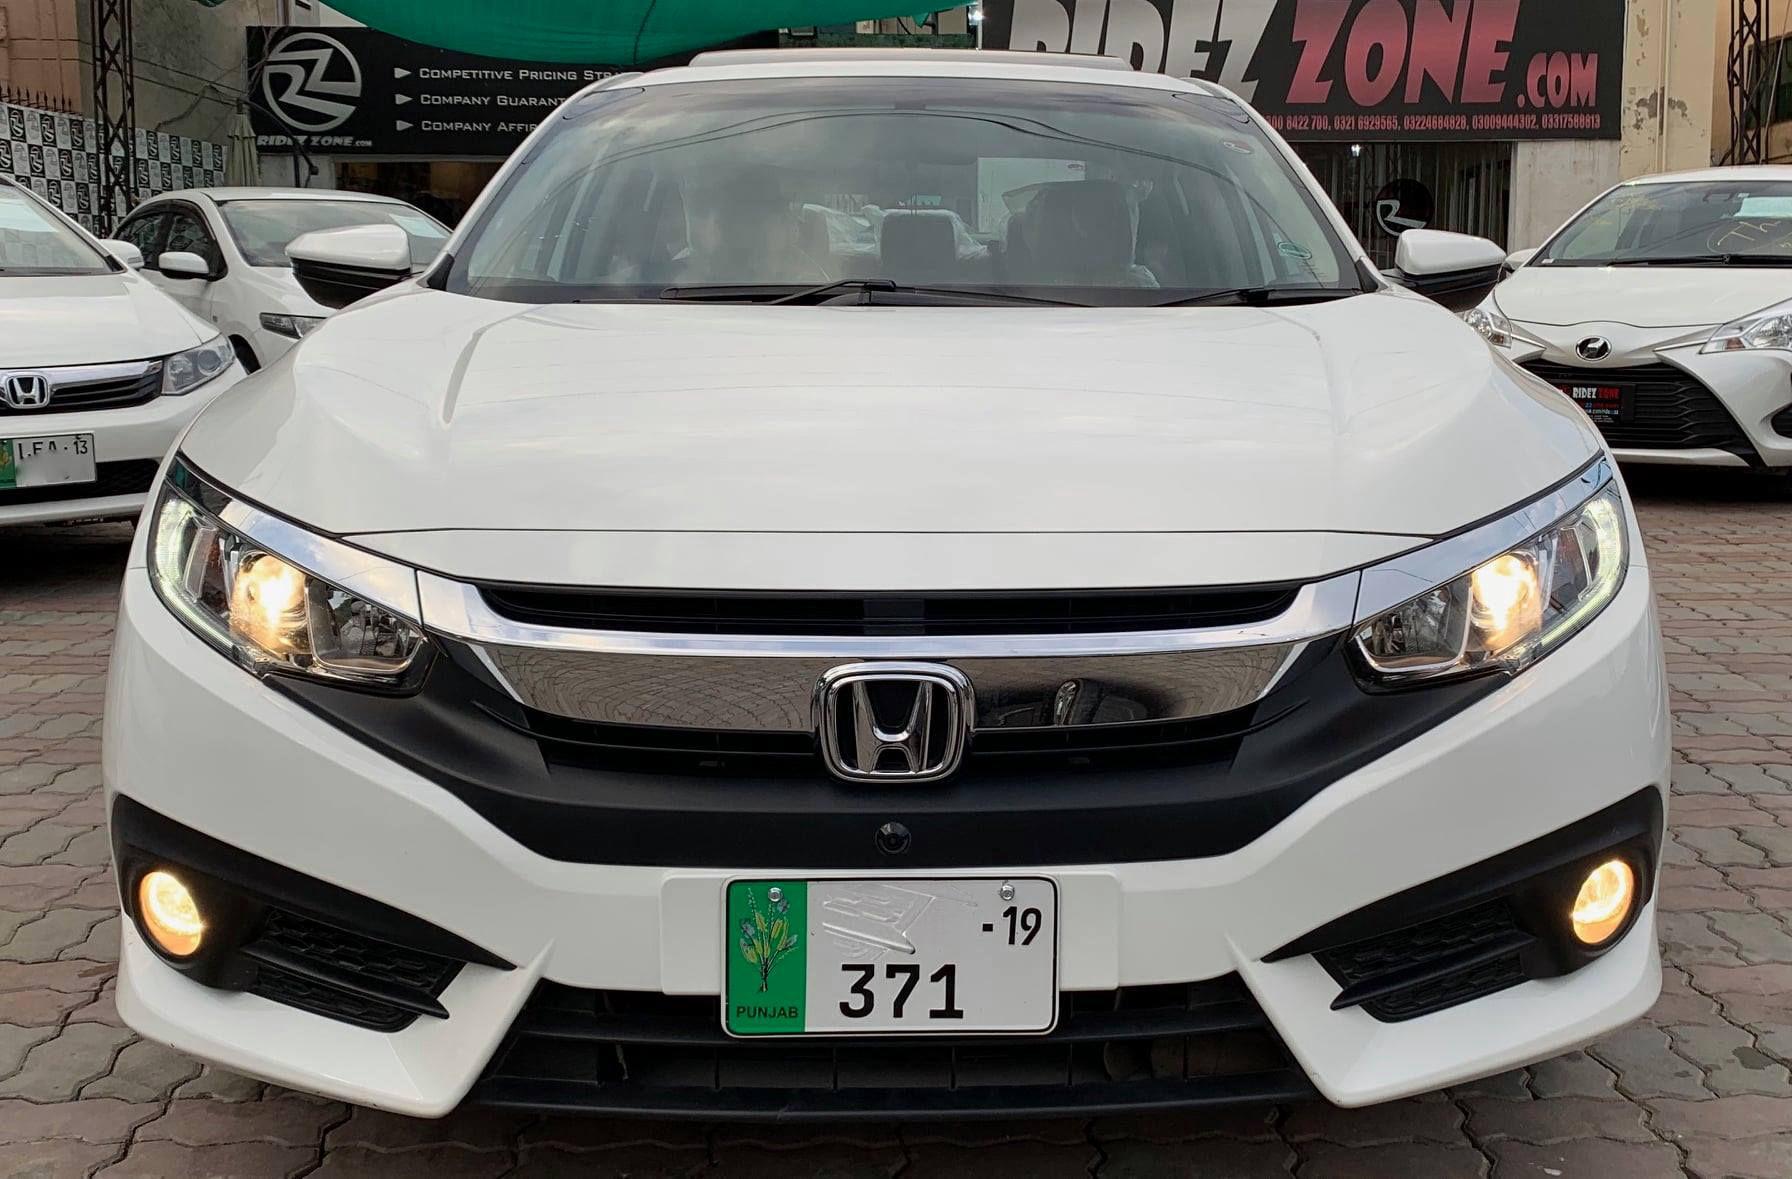 Honda Civic VTi Oriel Prosmatec 1.8 2018